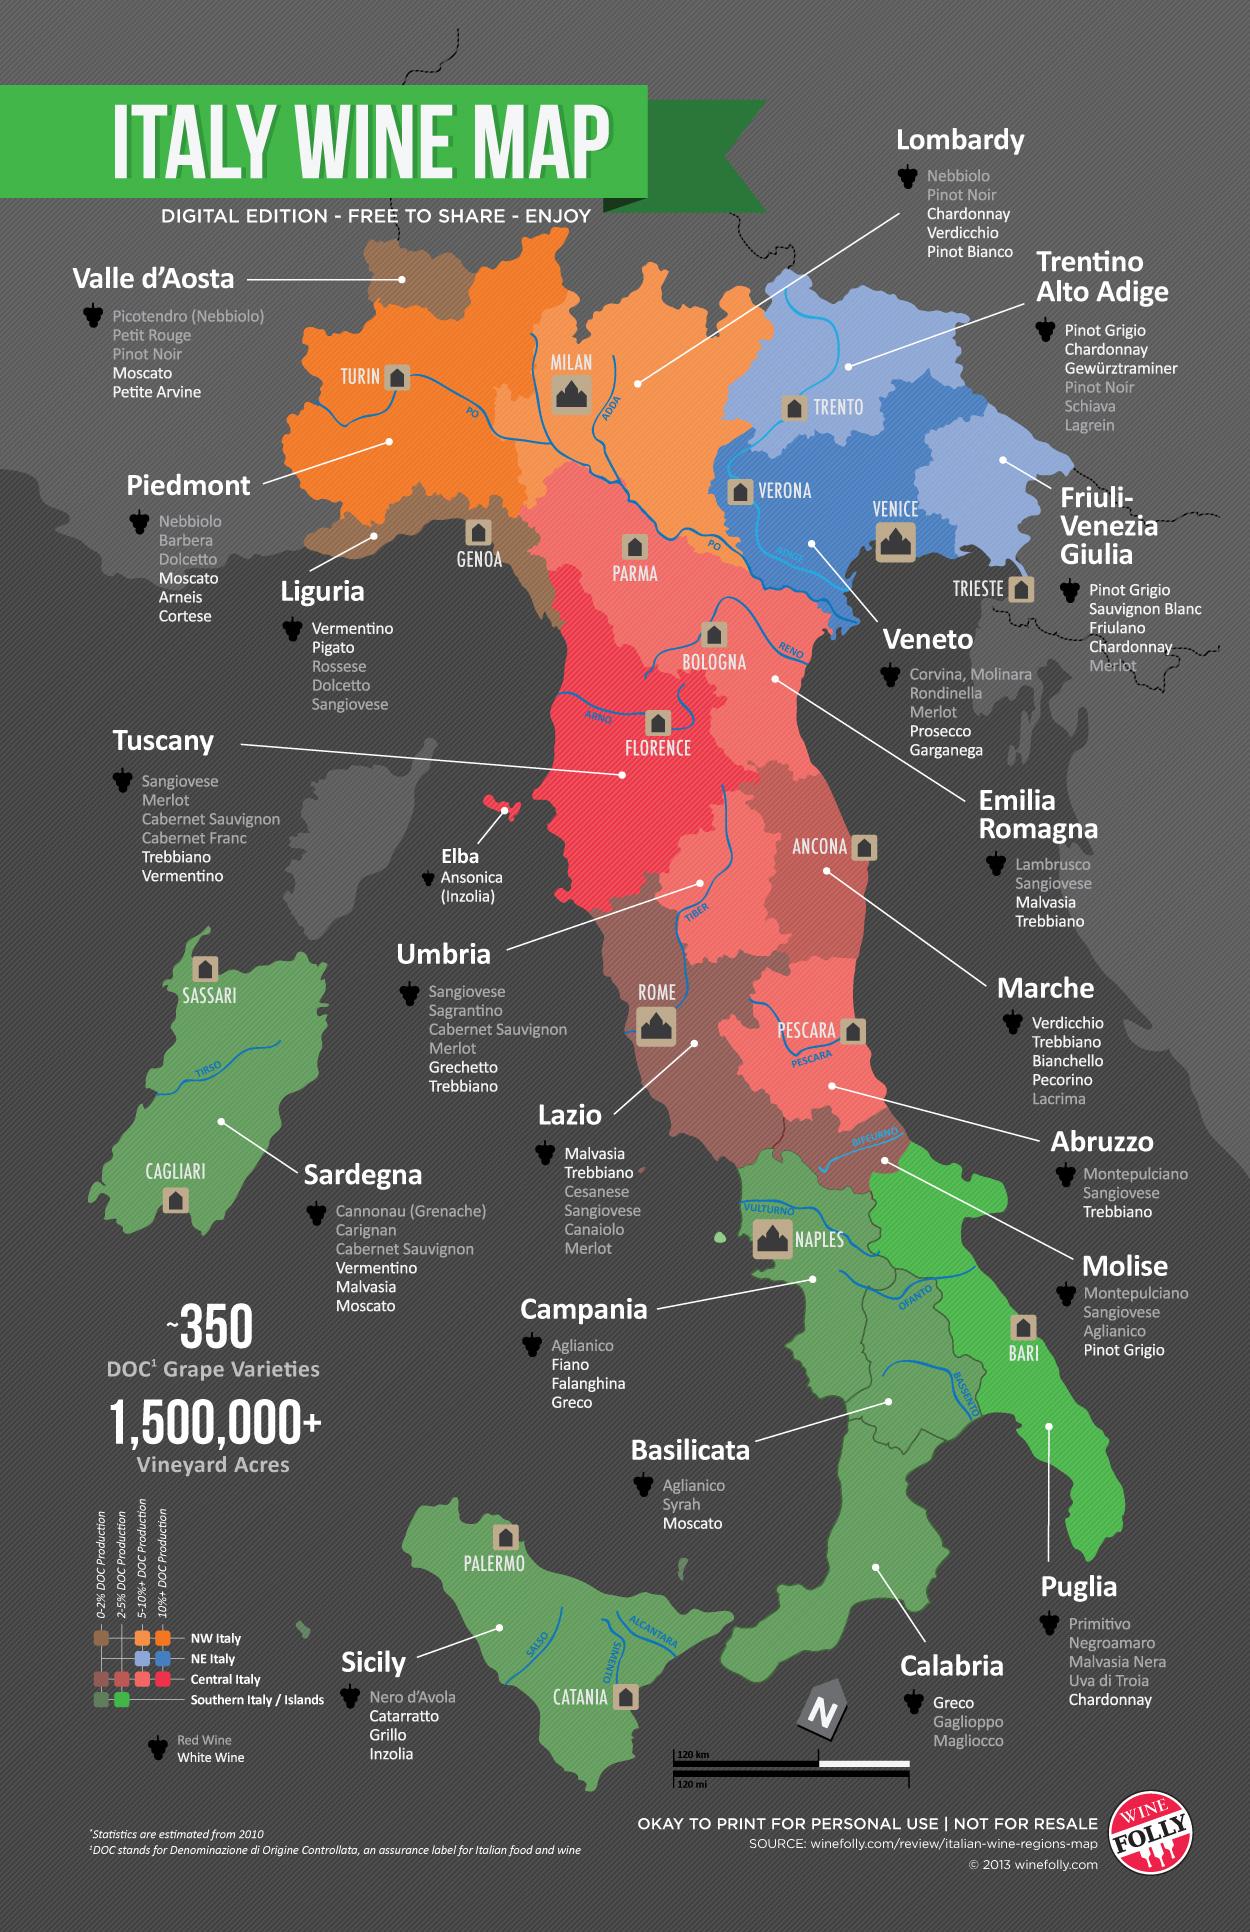 italy-wine-map-wine-folly.jpg